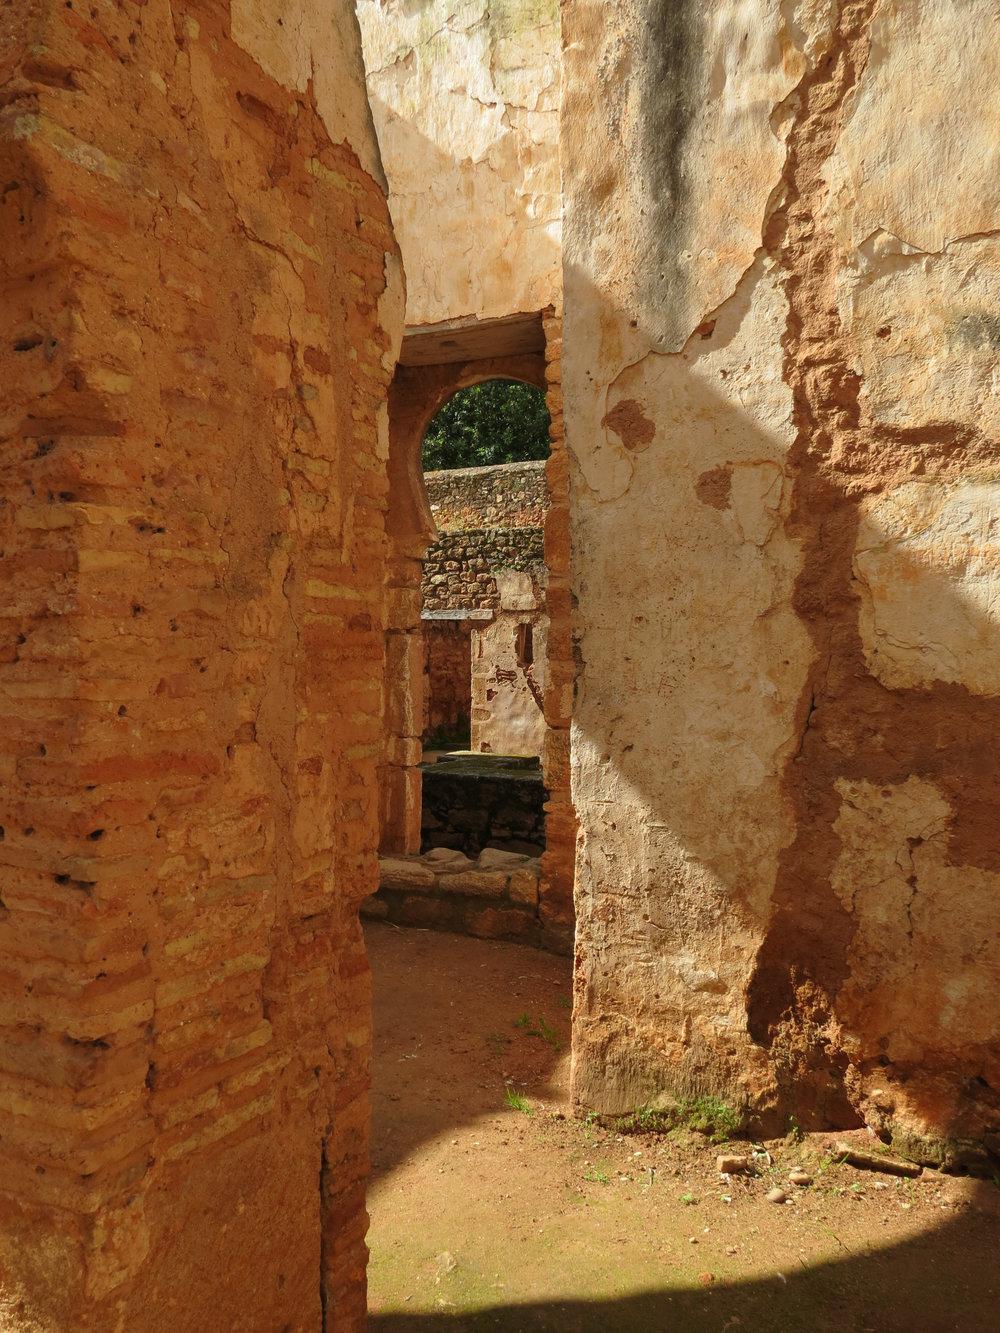 The ruins at Chellah, Rabat, Morocco.